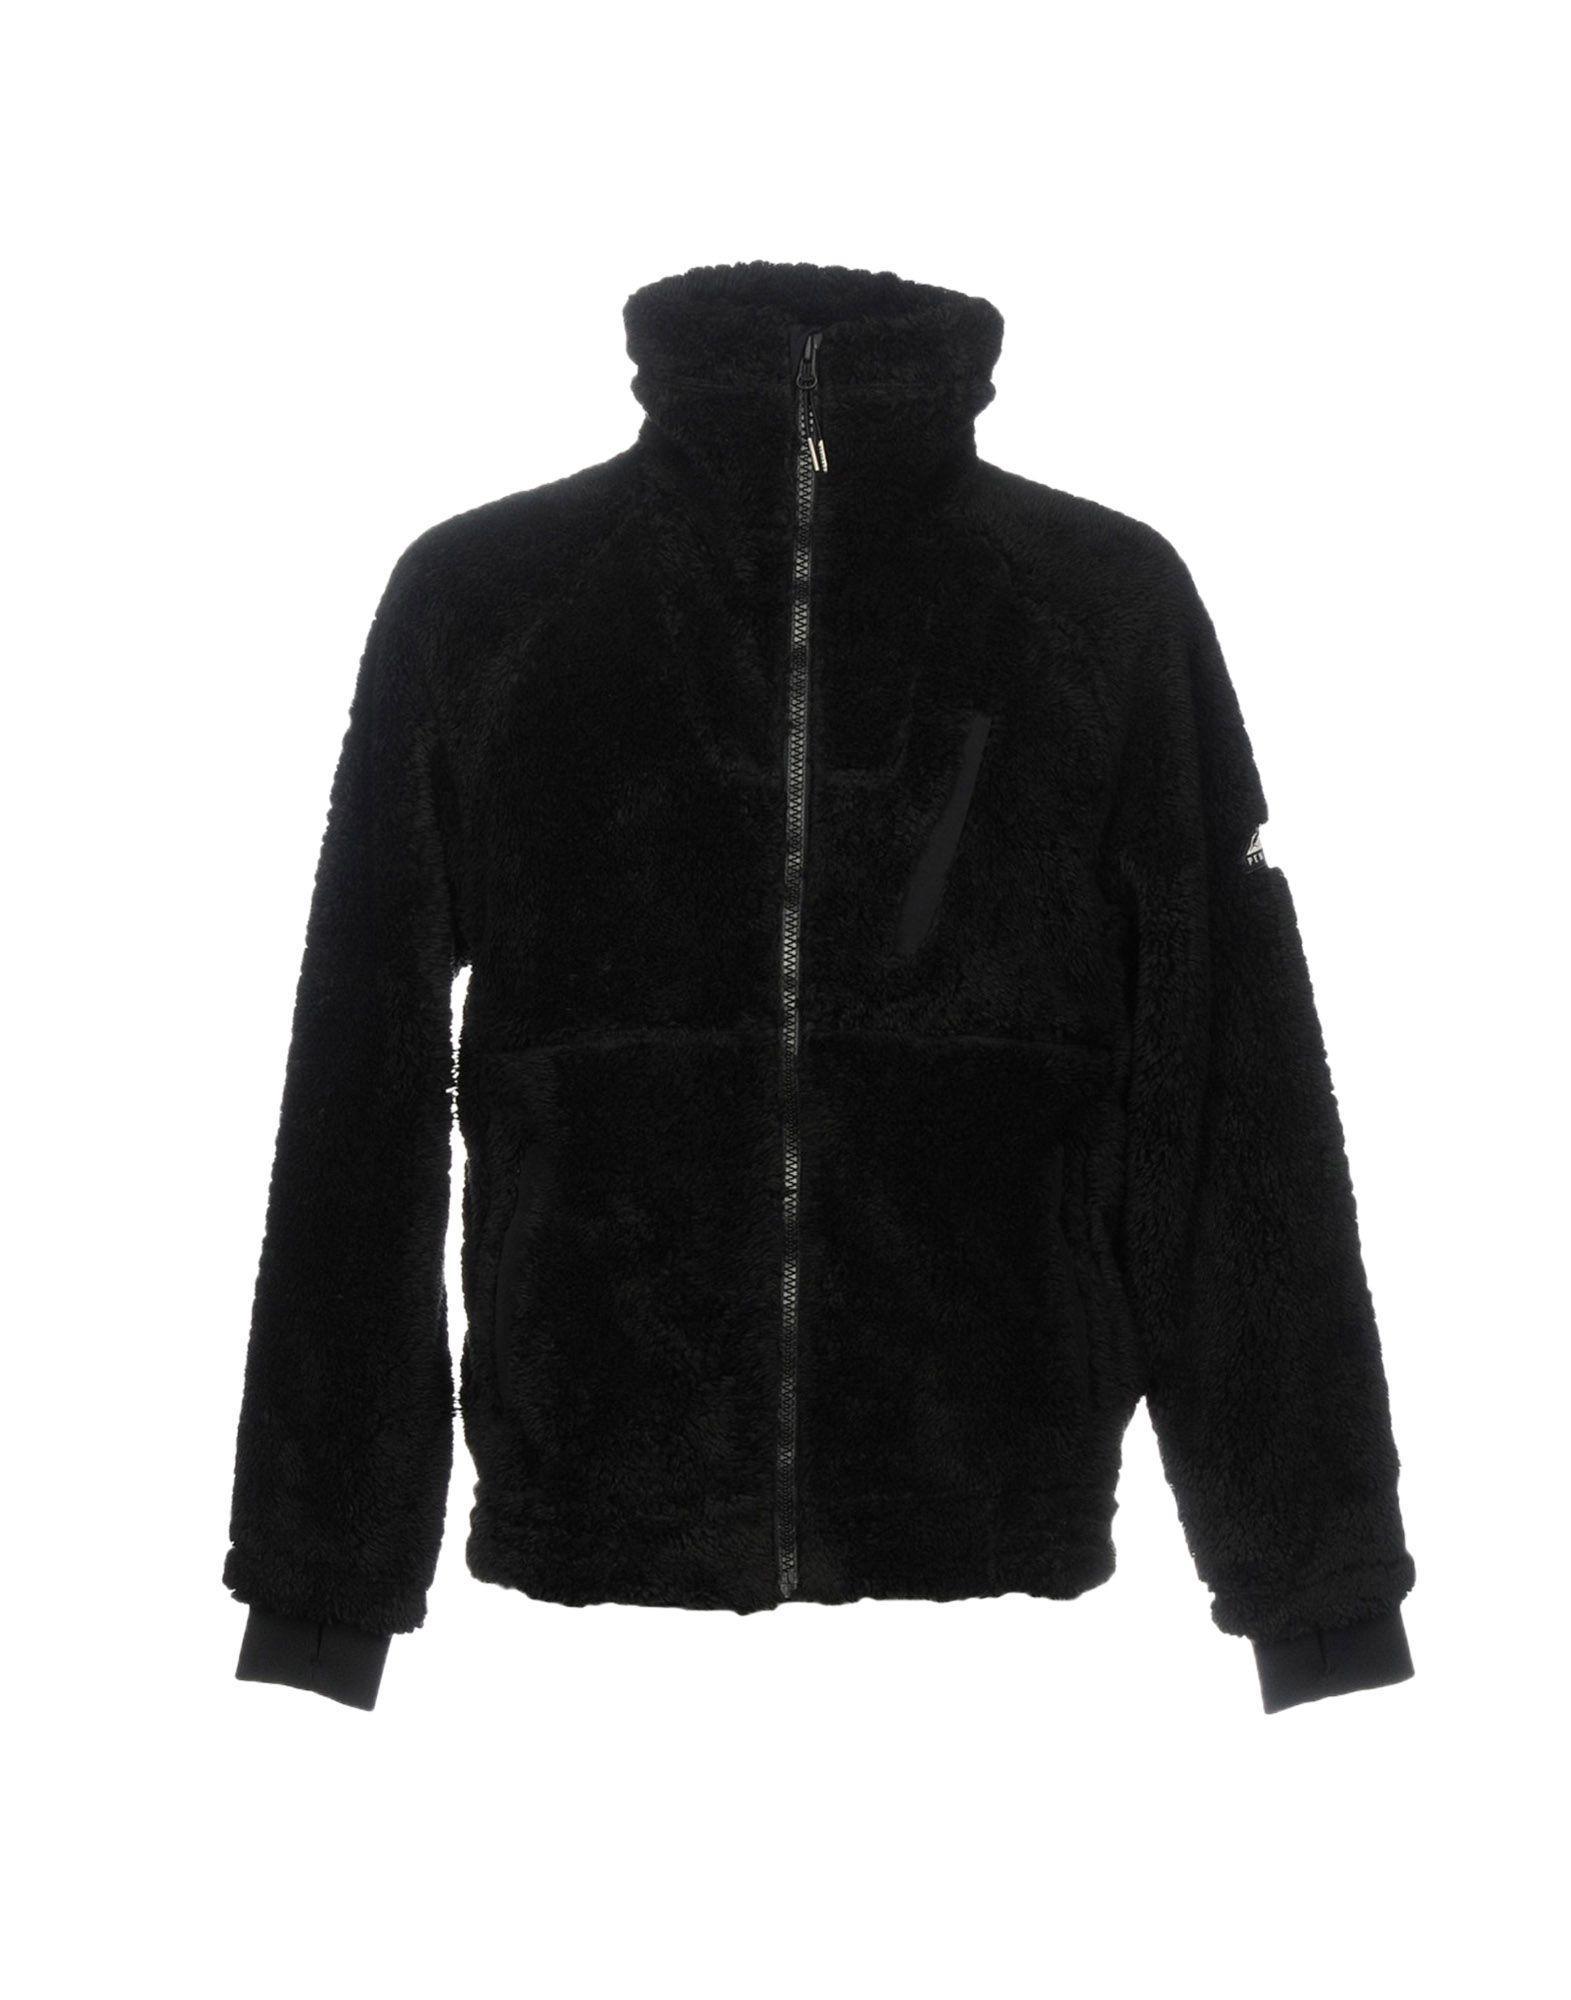 Penfield Jackets In Black